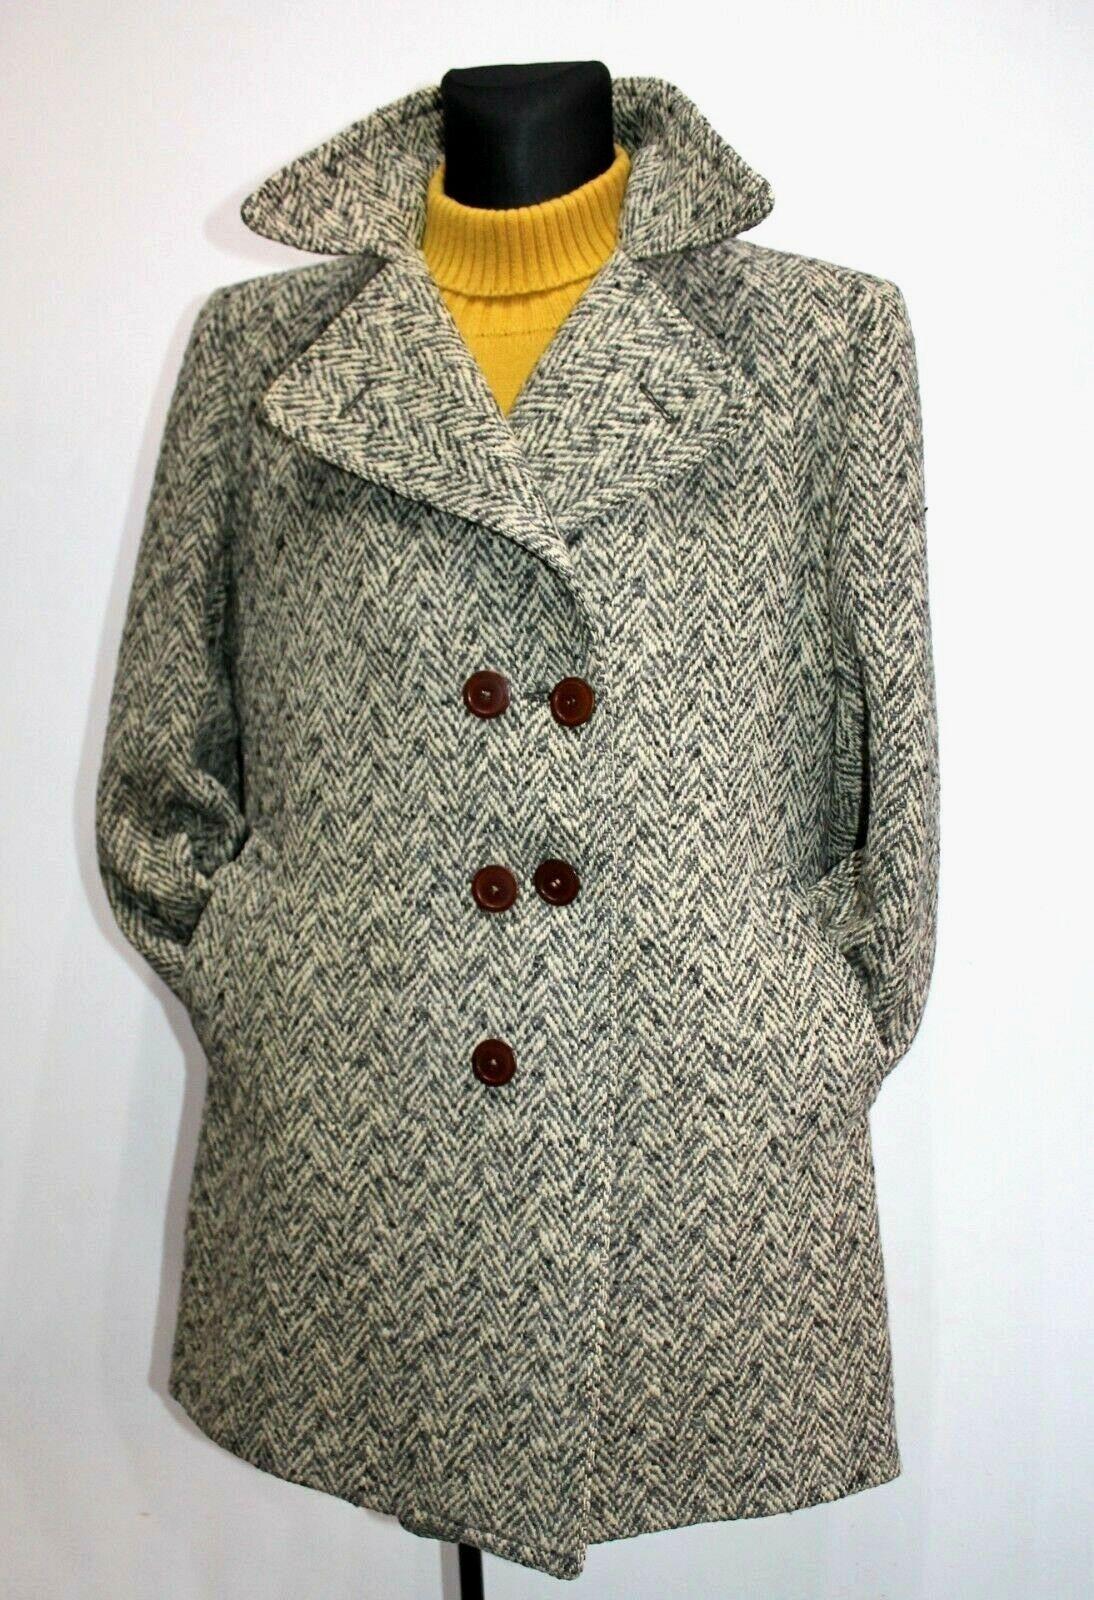 Vintage 70s TWEED Herringbone Pea coat Grey Beige Wool Mens Retro Size L Large